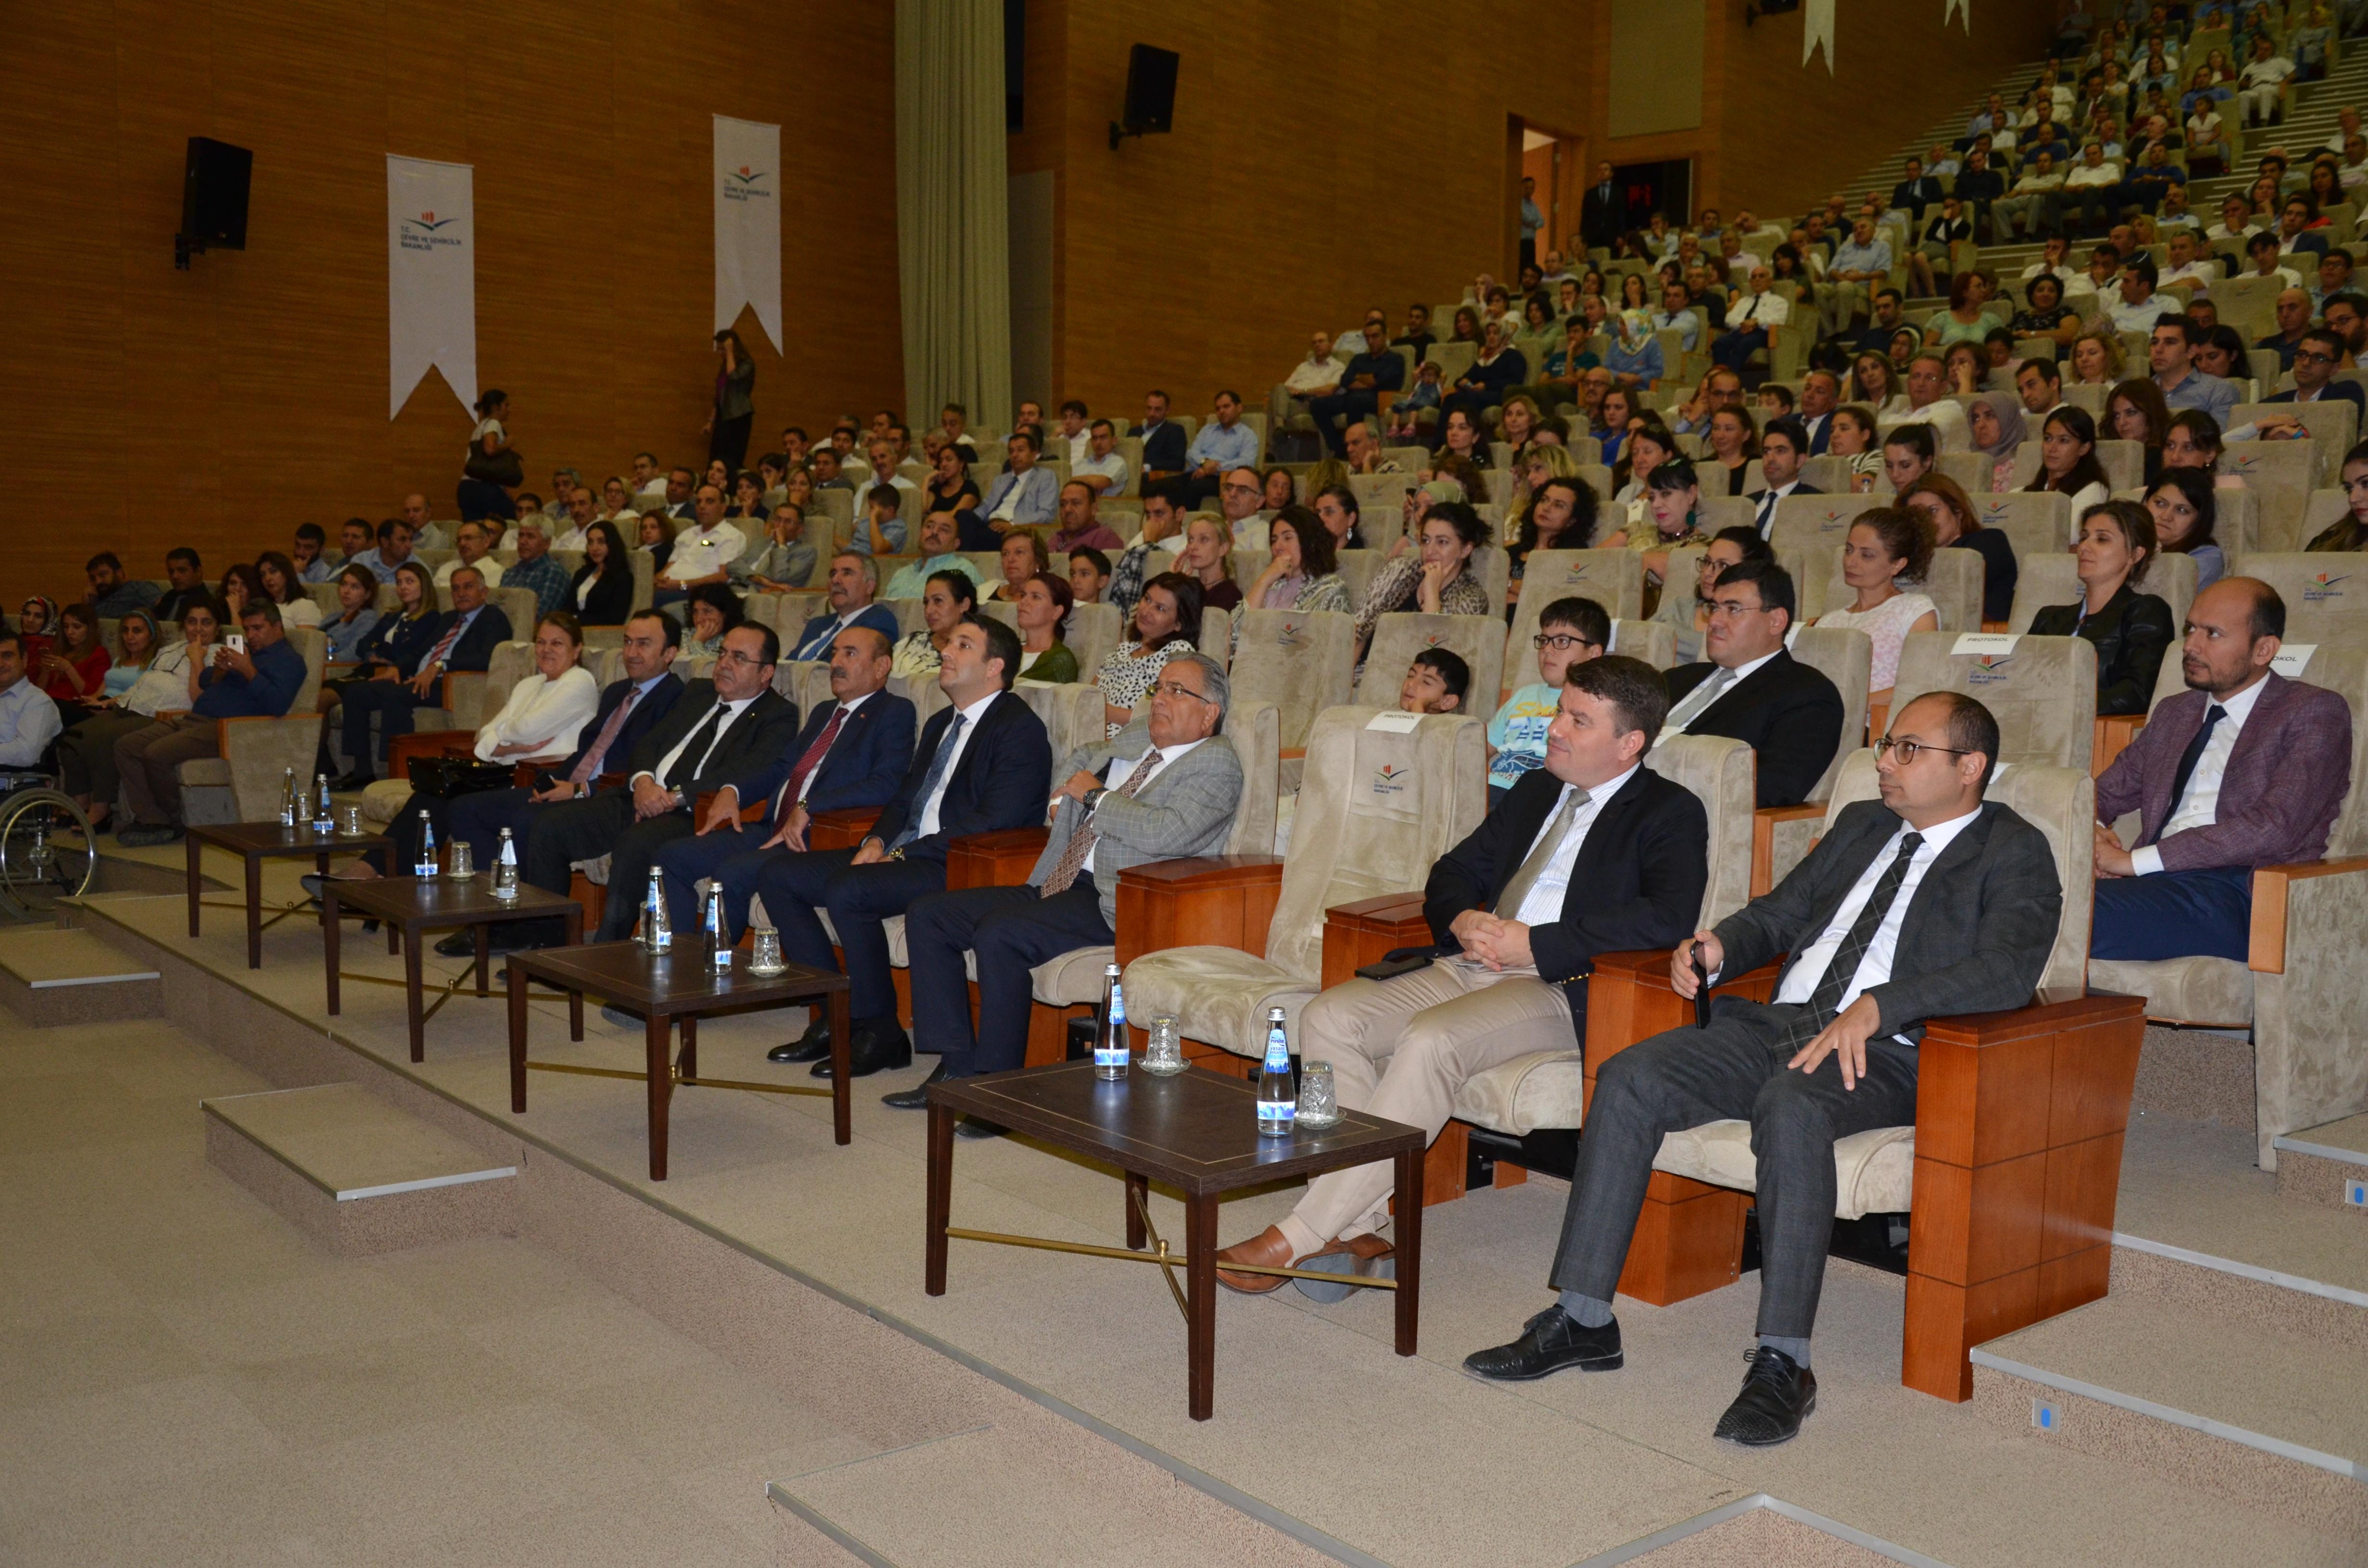 Çevre ve Şehircilik Konferansları Serdar KILIÇ ile başladı.